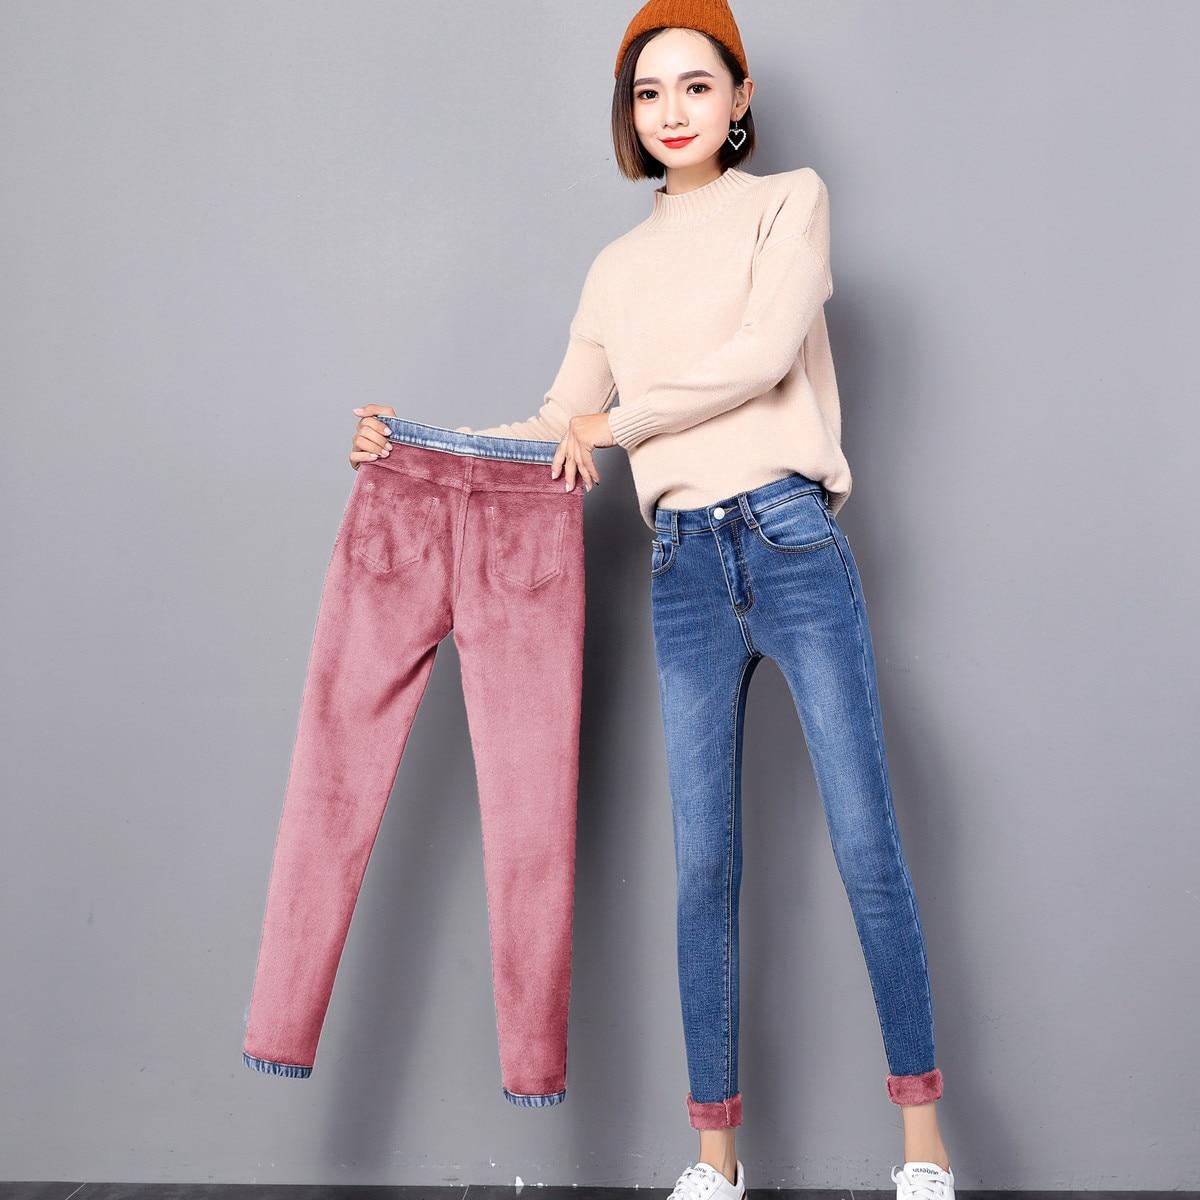 Ff9906 2019 новые осенние зимние женские модные повседневные джинсовые брюки плюс кашемир утепленные женские джинсы с высокой талией